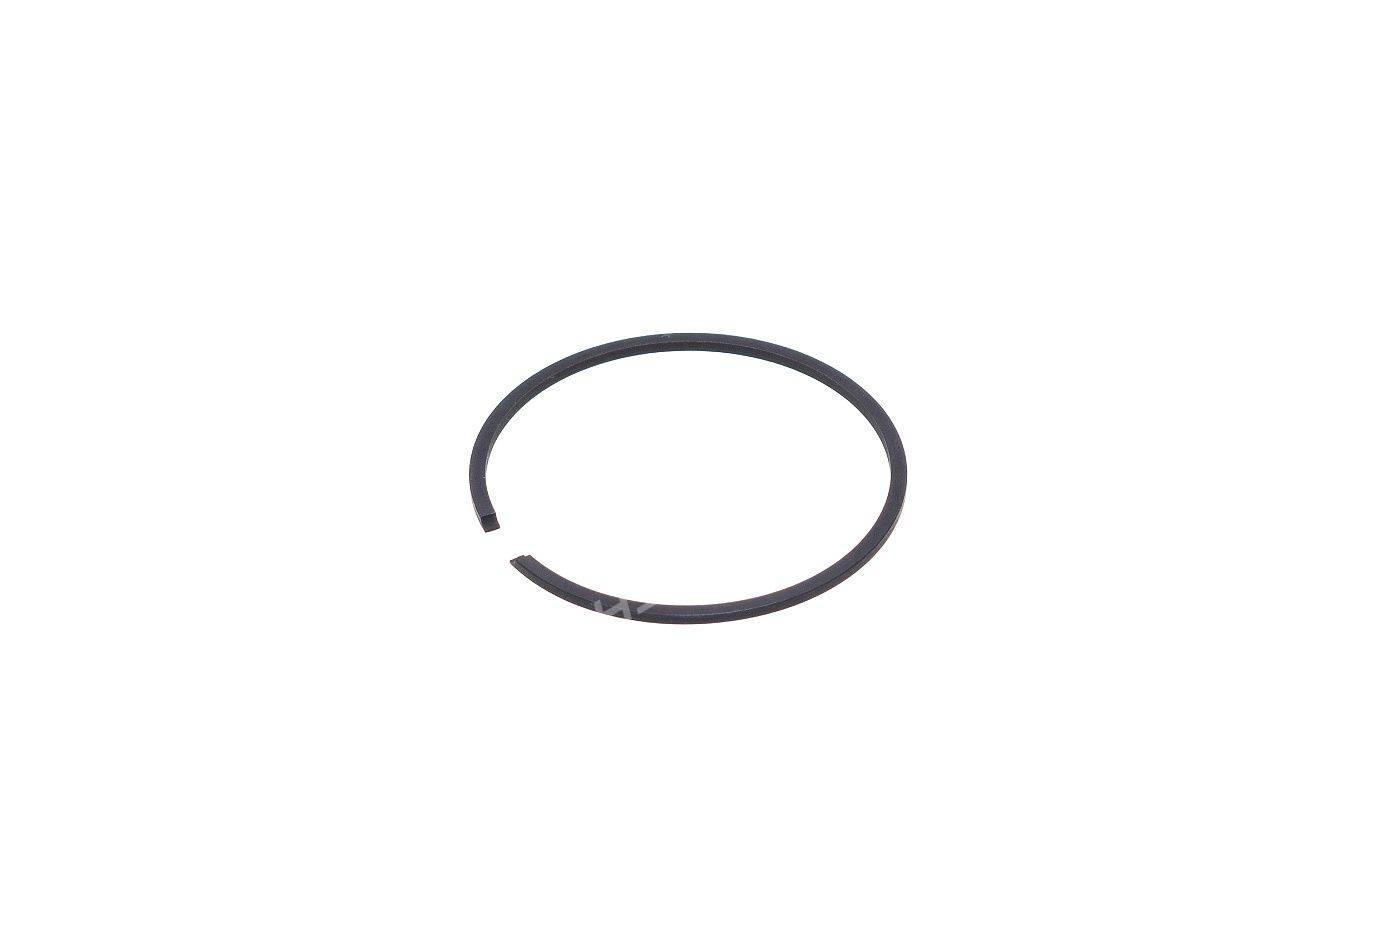 Pierścień tłokowy 46 x 1,5 mm